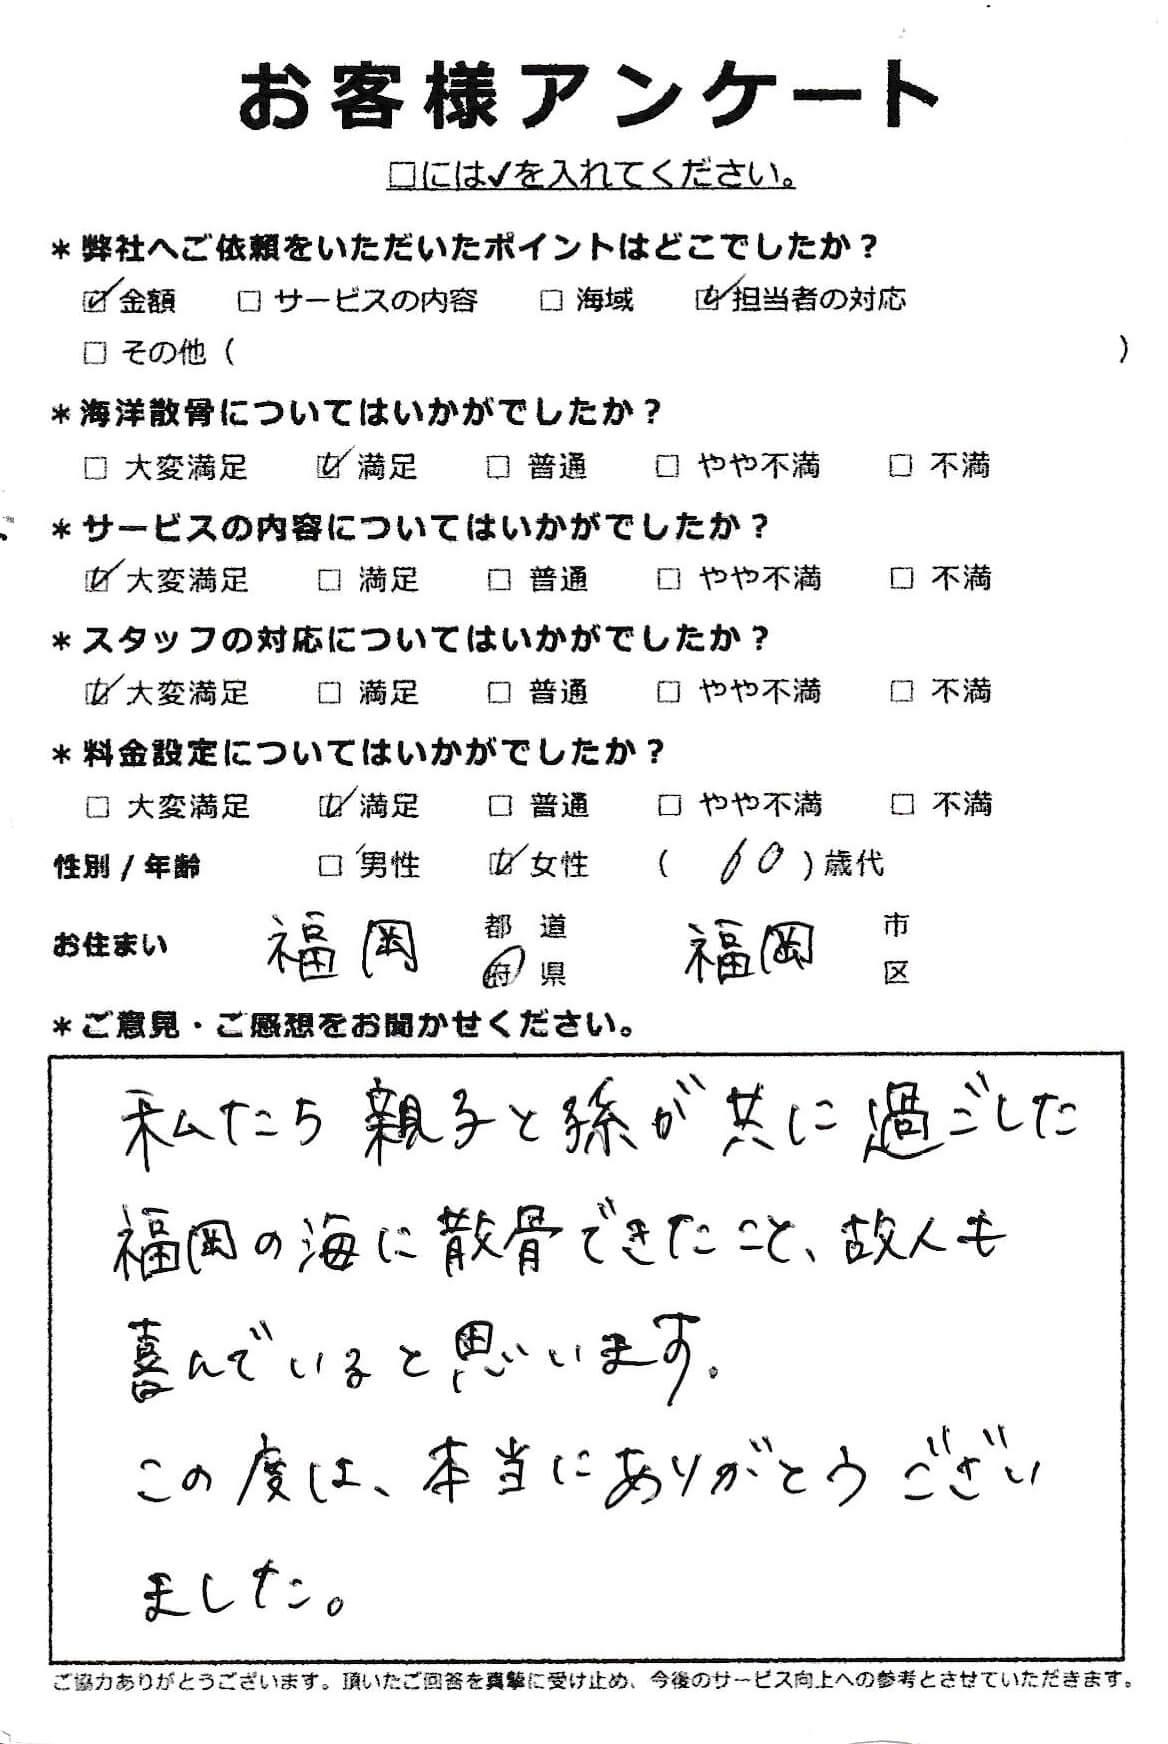 福岡市 60歳代女性 合同乗船散骨